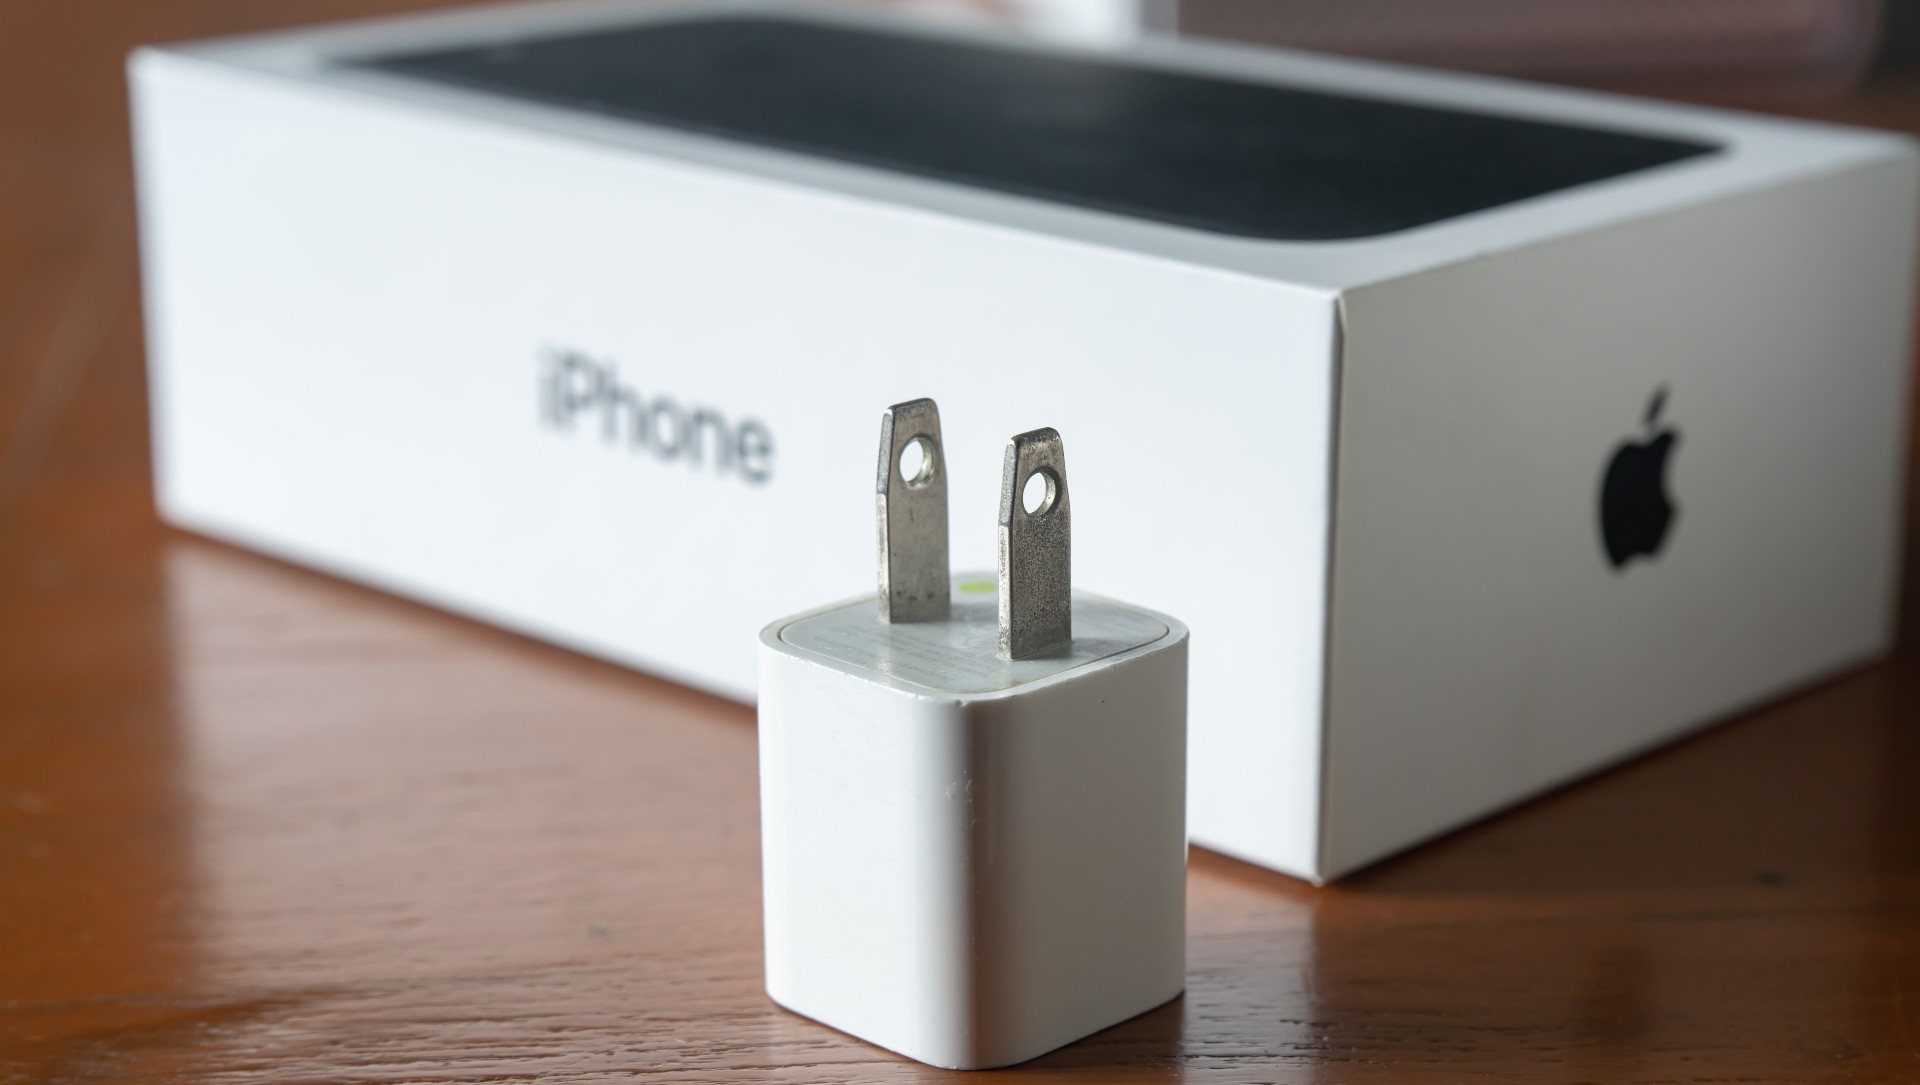 德銀分析師指出,蘋果不附贈電源轉接器的主要考量是財務利益。